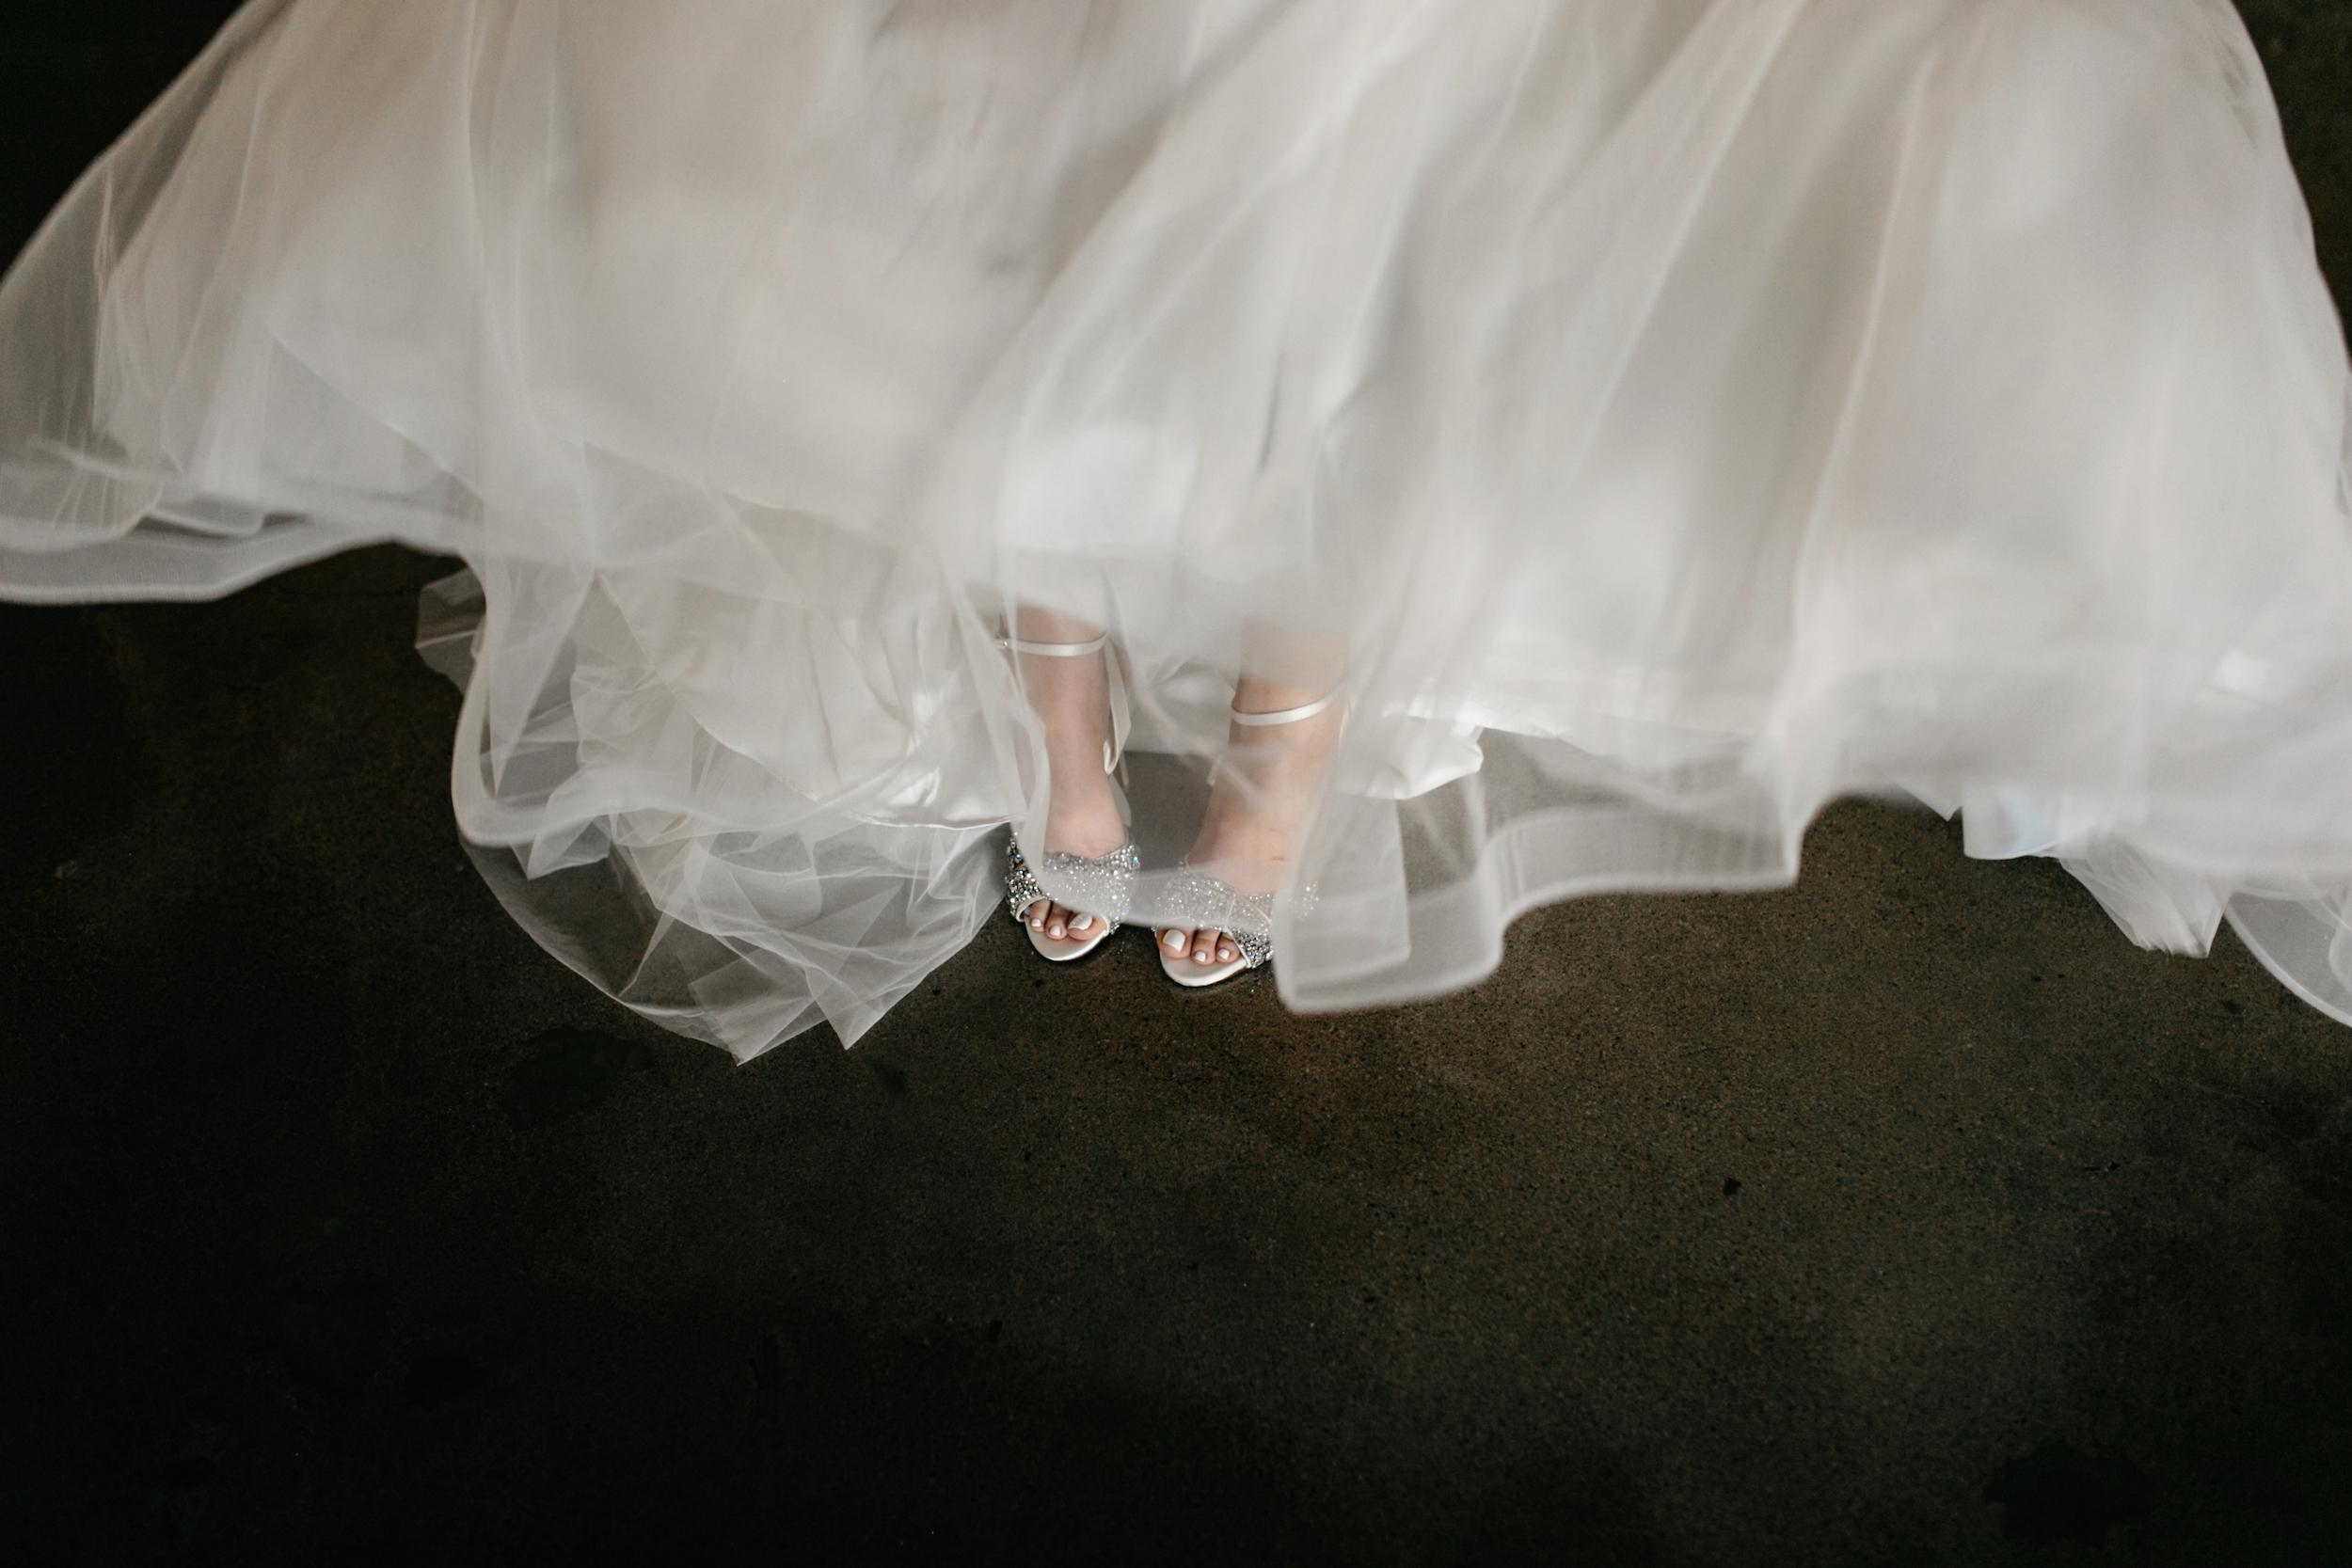 arizona - wedding - photography 01189.jpg